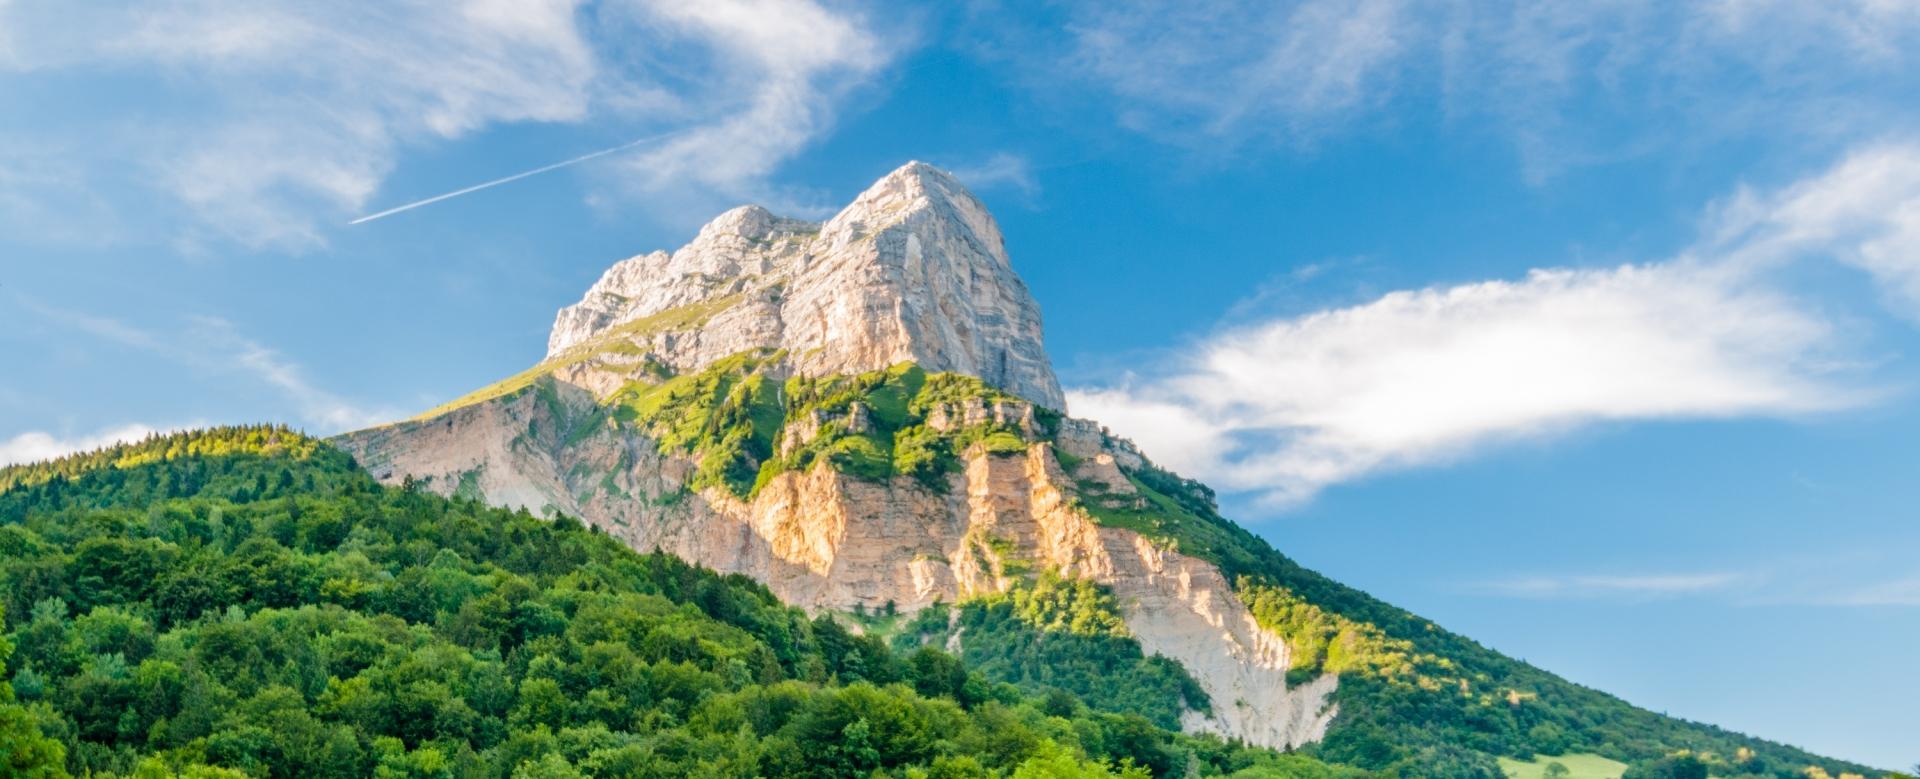 Voyage à pied : Tour de la chartreuse en hôtel